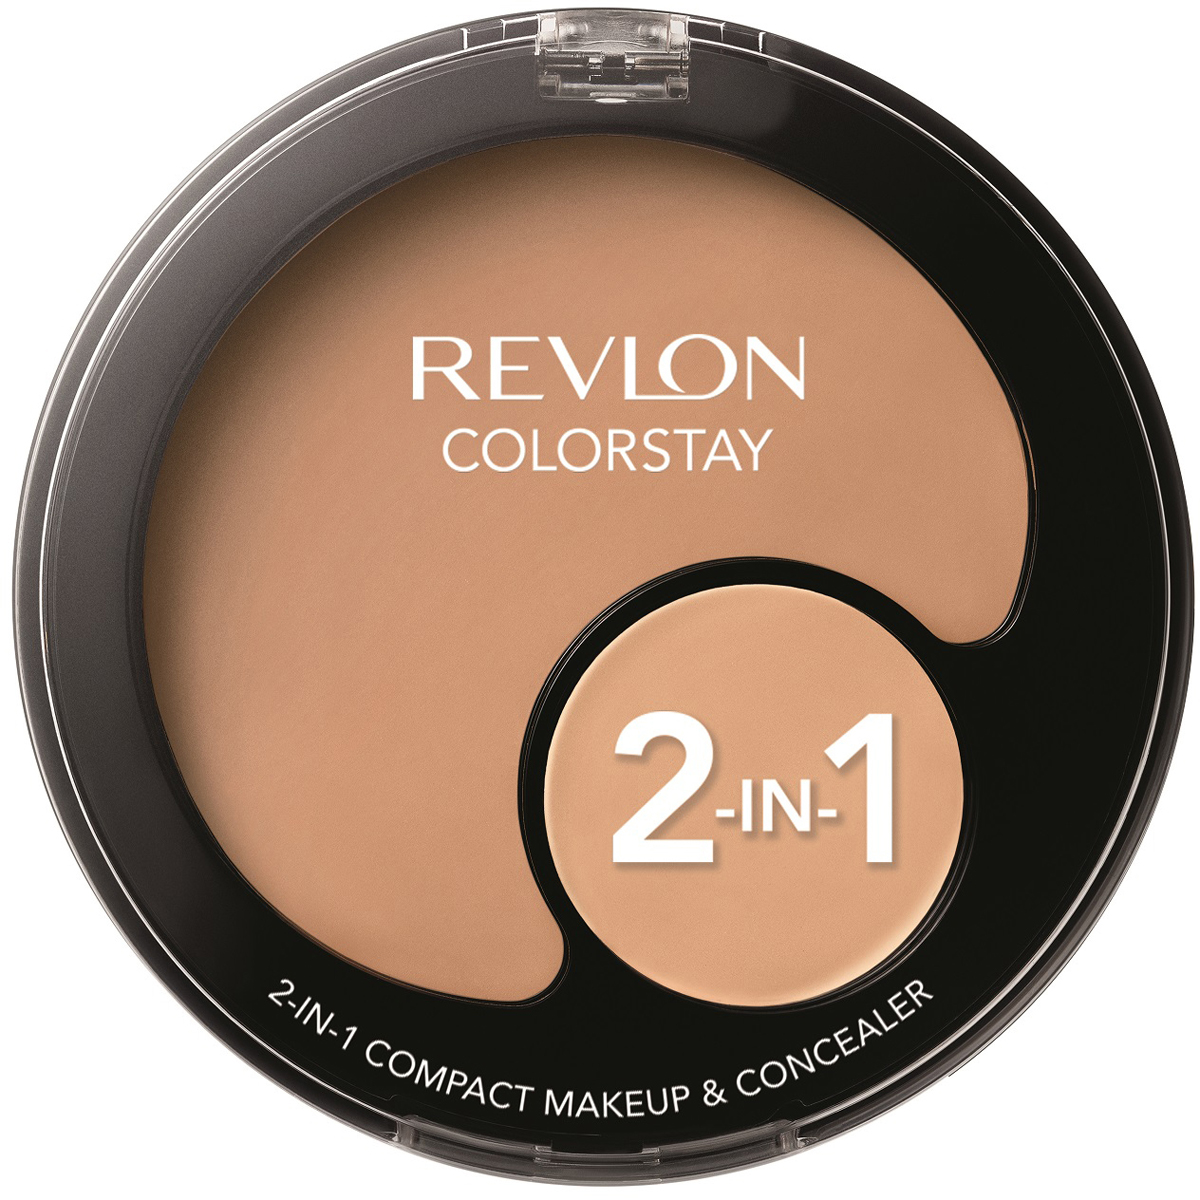 Revlon Тональная основа + консилер 2 в 1 colorstay, тон №220, 11 г7213147025Твой идеальный тон лица вместе с Revlon Colorstay 2 in 1. Тональная основа + консилер. Удобно вдвойне.